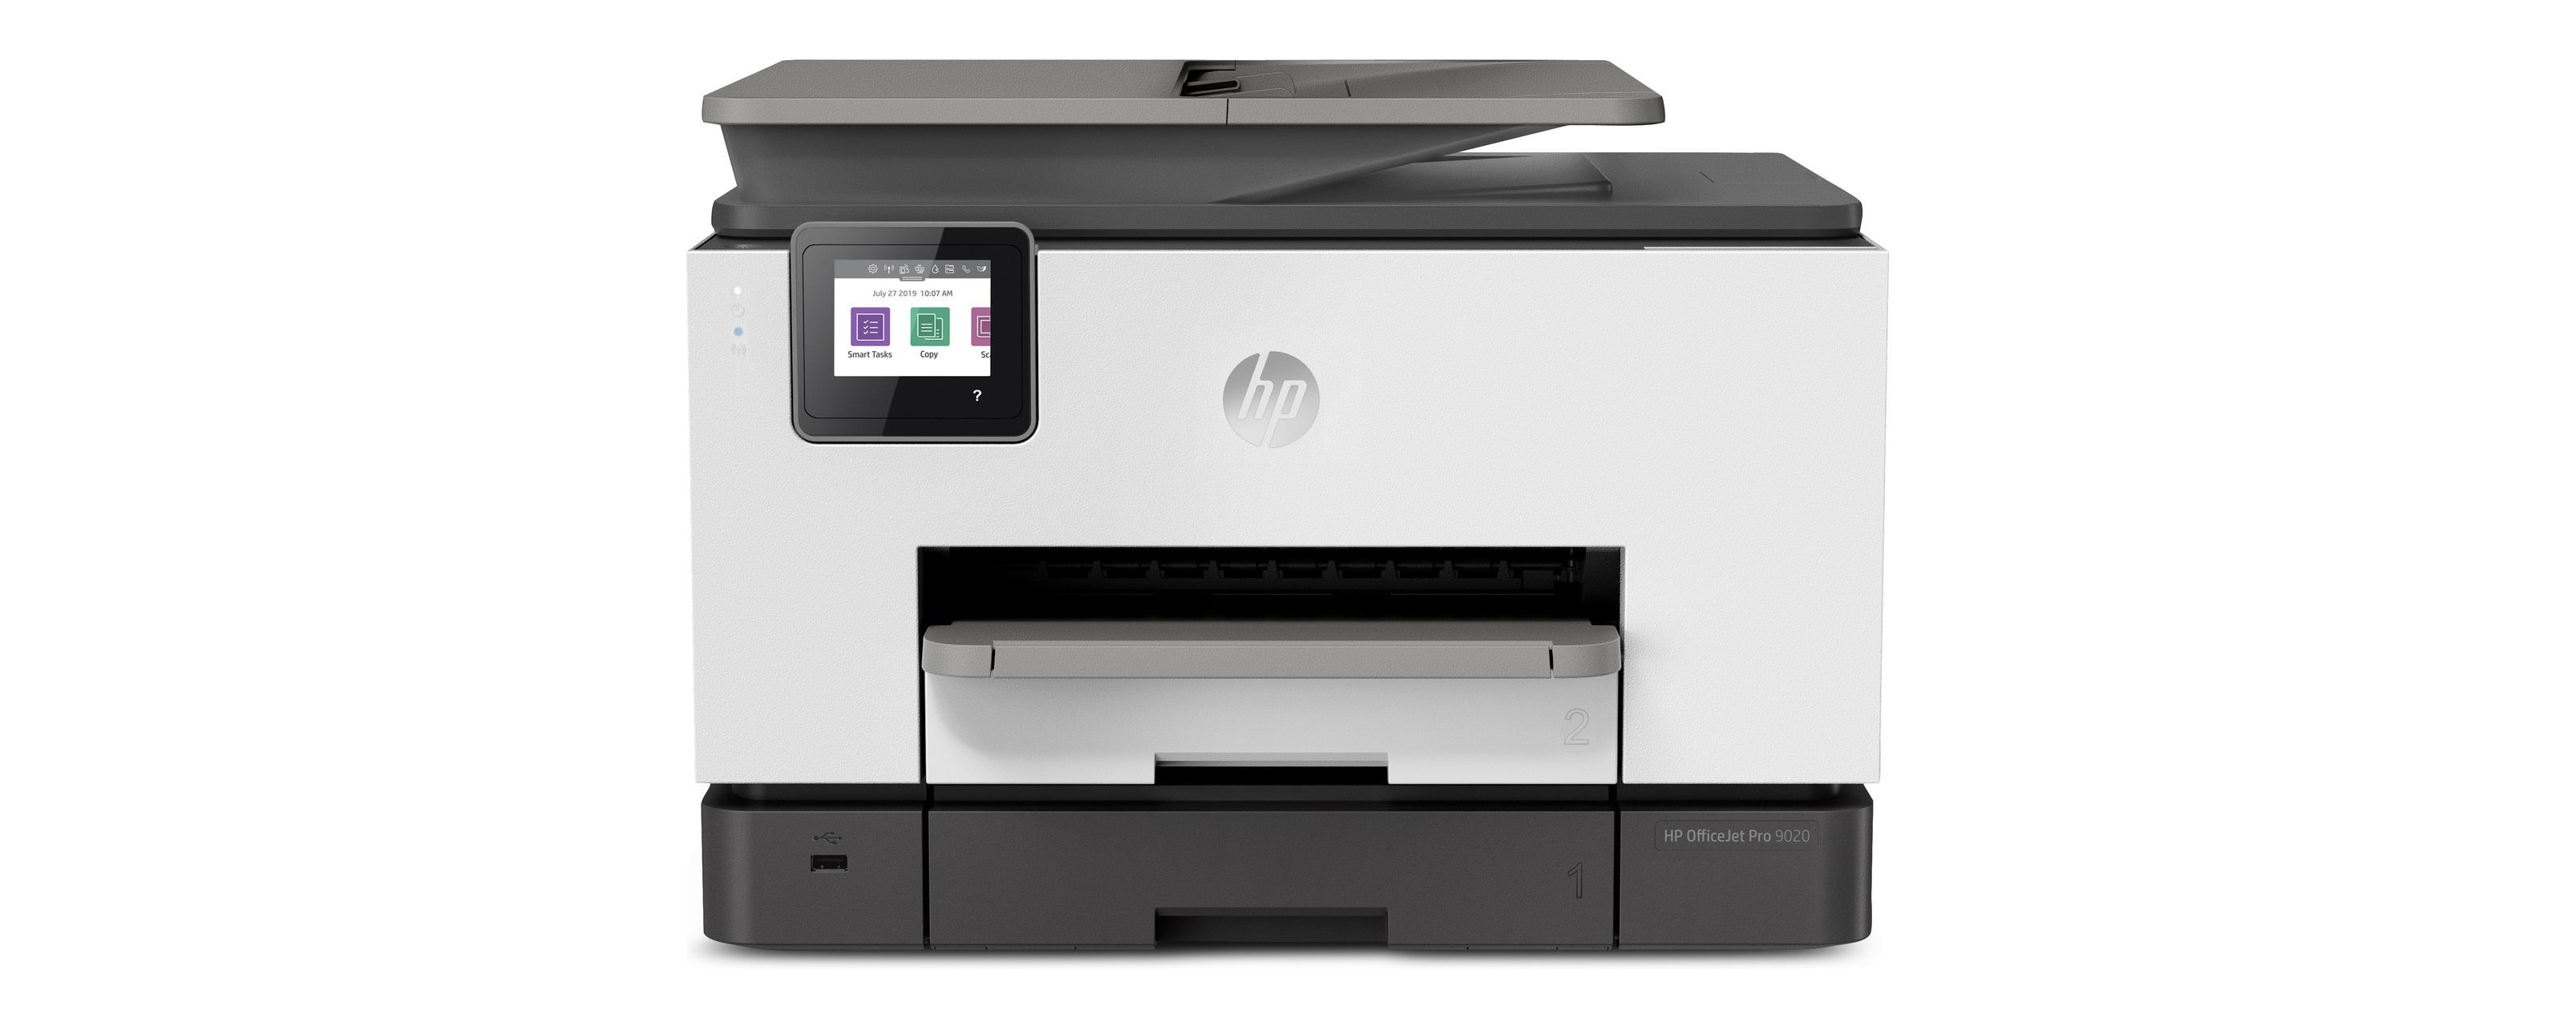 HP OfficeJet Pro 9020 ink cartridges